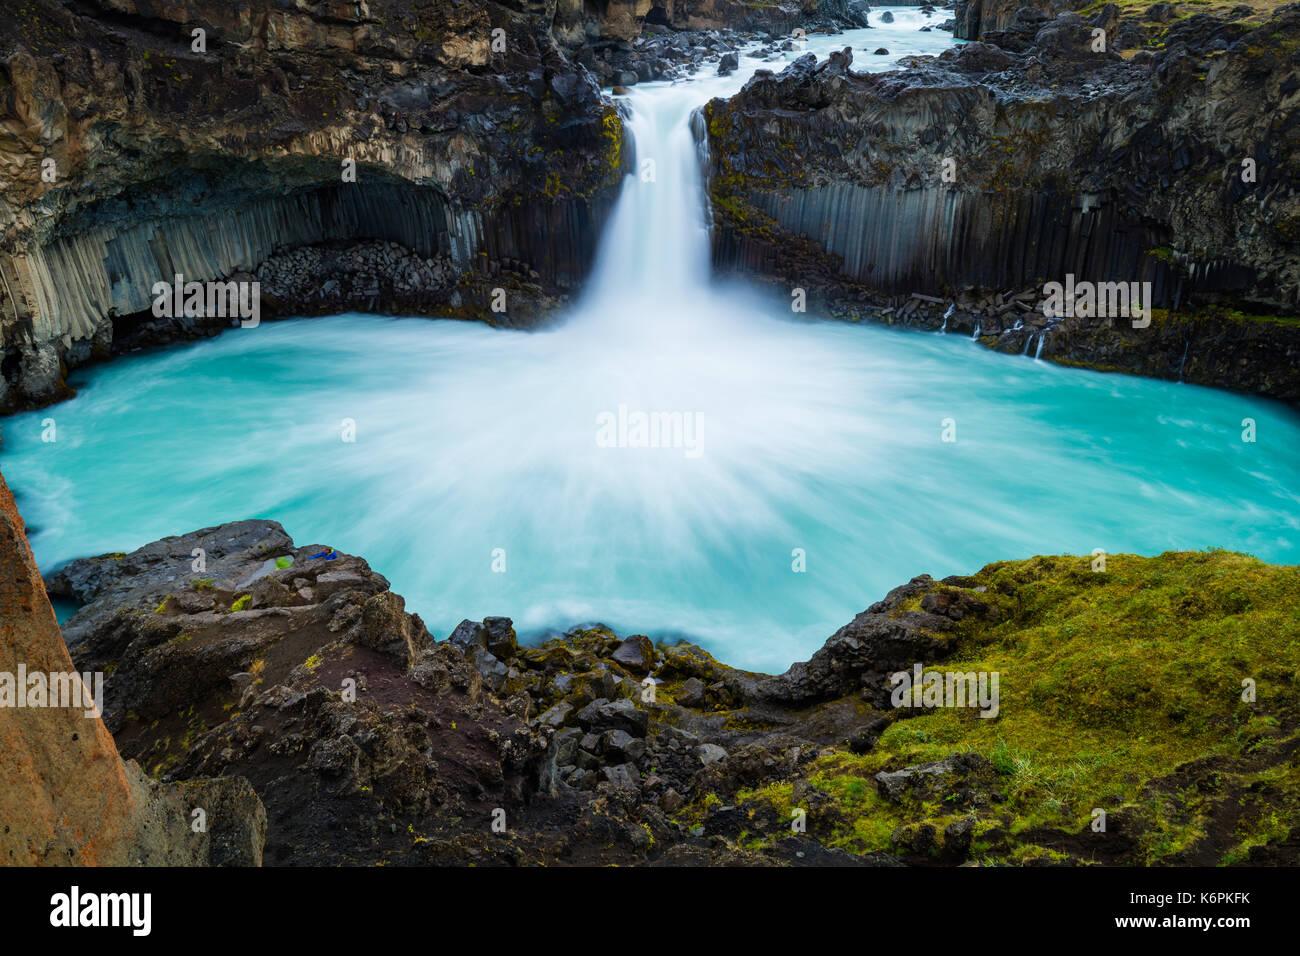 La cascada Aldeyjarfoss está situado en el norte de Islandia en la parte septentrional de la Sprengisandur Highland Road en Islandia Imagen De Stock